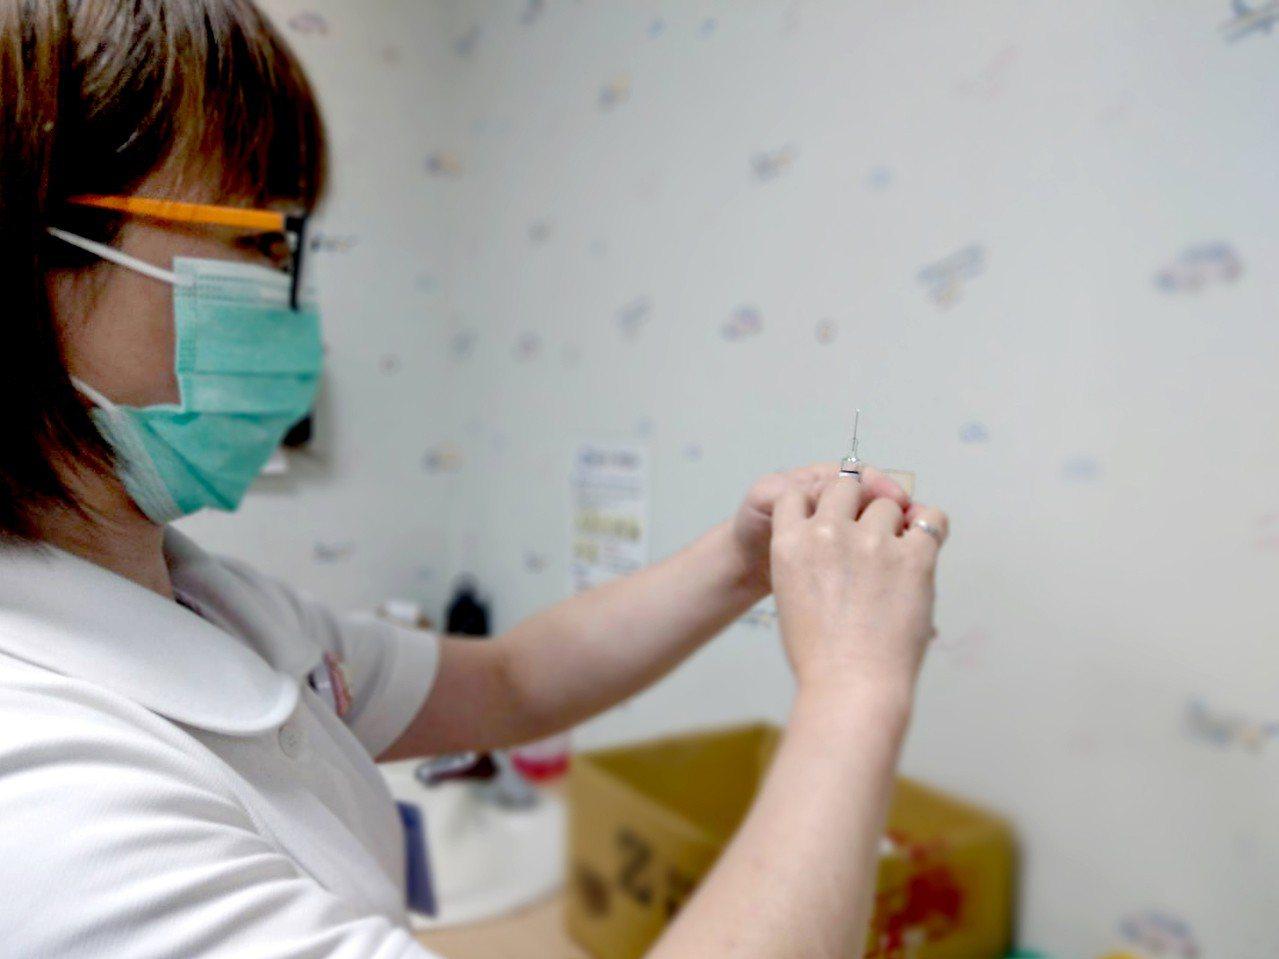 每年冬季是流行性感冒猖獗的季節,儘速施打流感疫苗能有效預防流感侵襲。圖/羅東博愛...